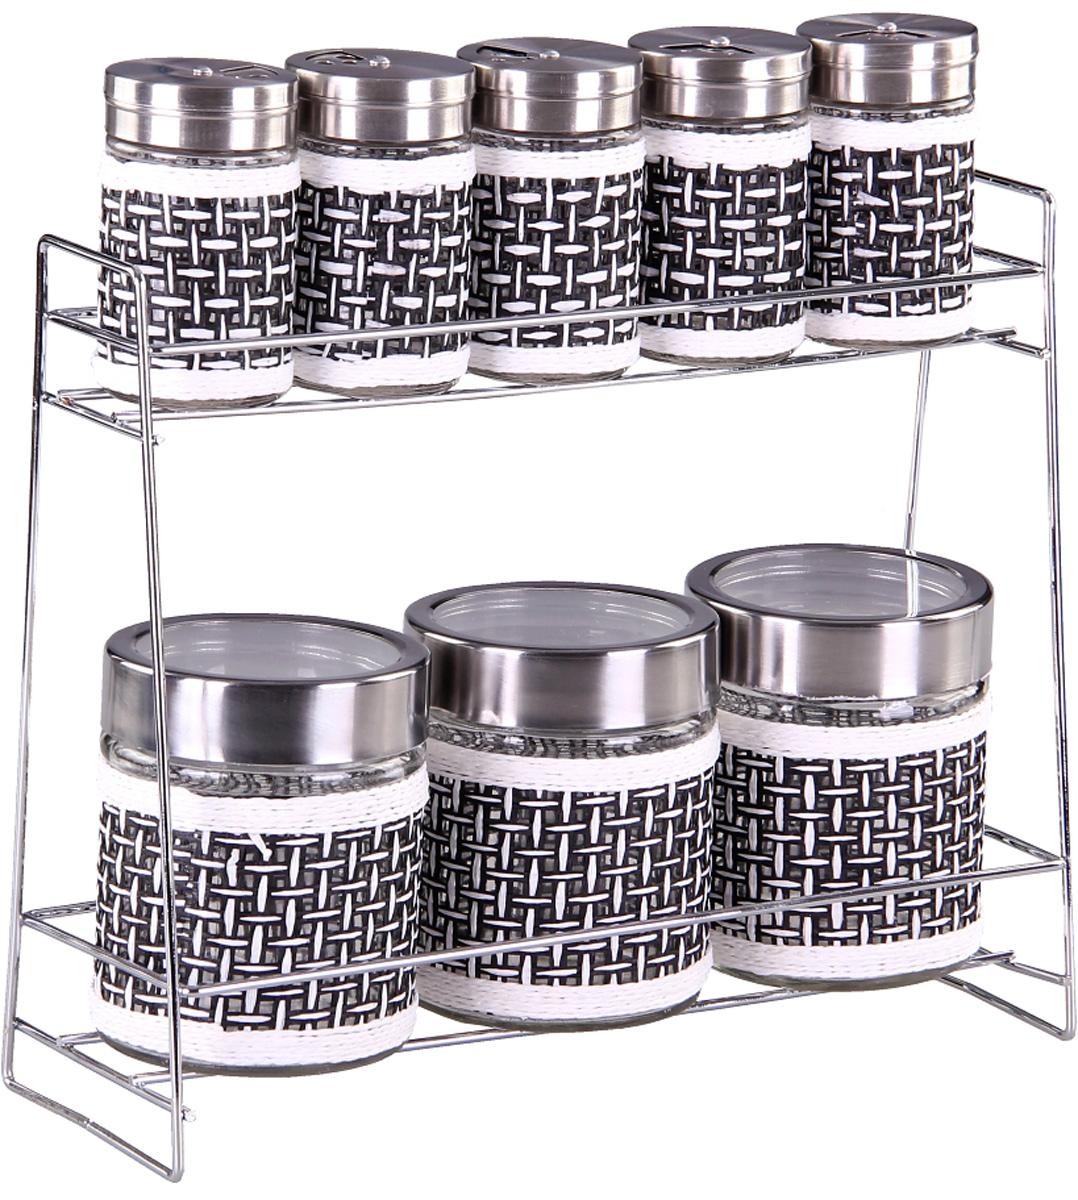 Набор банок Patricia, 8 предметов. IM99-3926IM99-3926Набор для сыпучих продуктов включает в себя 7 банок различных размеров. Плотно закручивающая крышка на банке позволит хранить чай,кофе и многие другие сыпучие продукты. В свою очерень набор солонок, входящий в комплект, позволит хранить специи должным образом. Дизайн таких банок украсит кухню любой хозяйки.